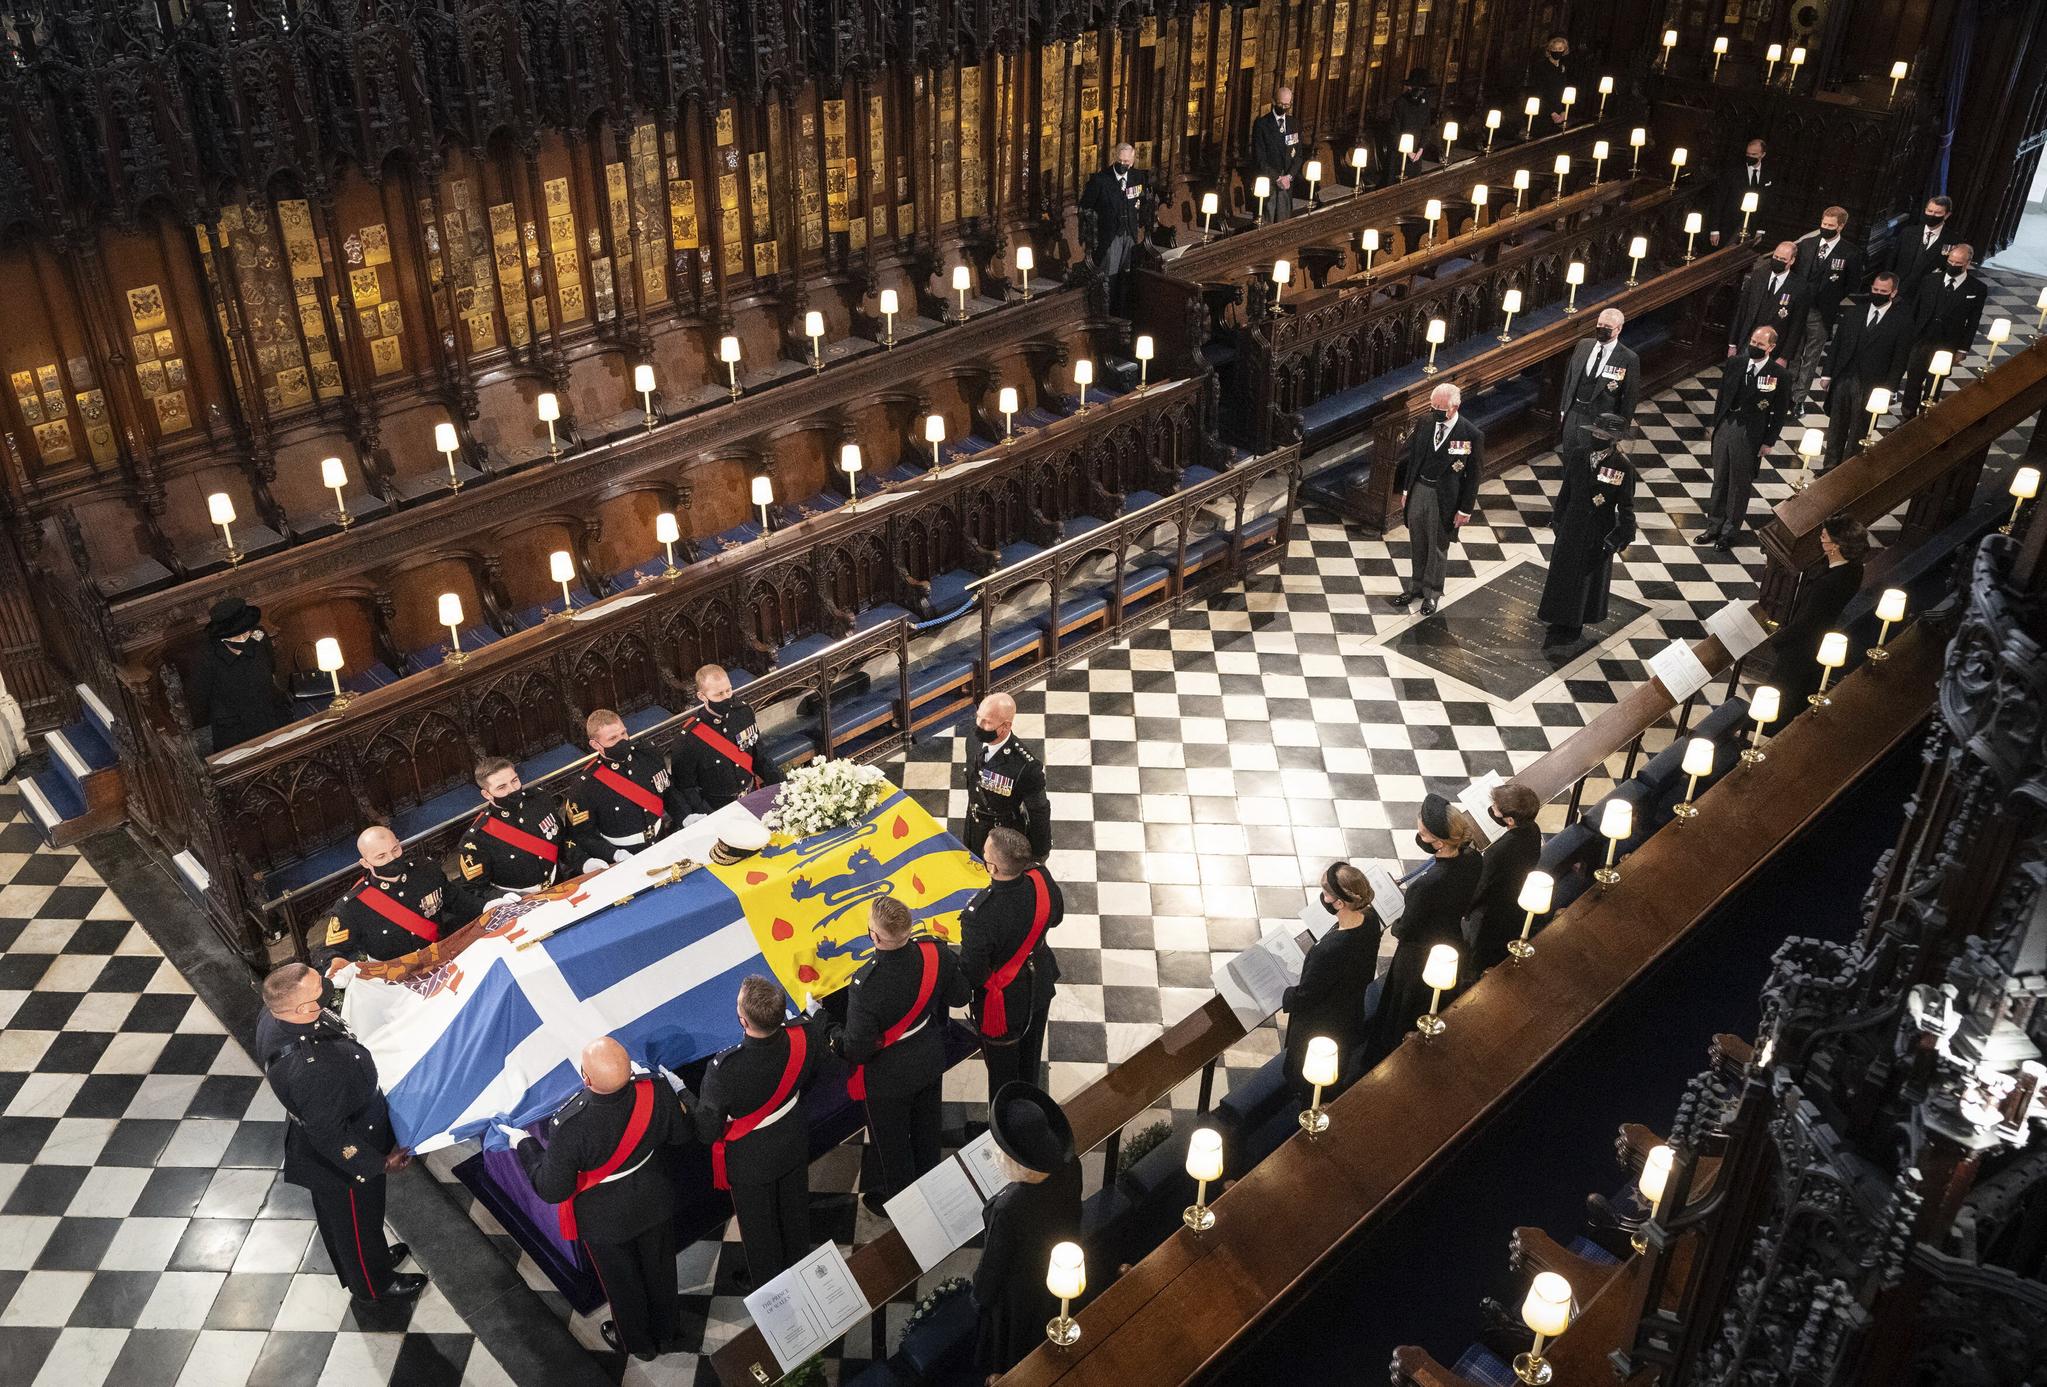 엘리자베스 2세 영국여왕(왼쪽 위)이 17일 윈저성 성조지 예배당에서 열린 부군 필립공 장례식에 참석해 운구 행렬이 장례식장에 들어오는 모습을 바라보고 있다. 지난 9일 99세를 일기로 타계한 필립공은 73년간 여왕의 곁을 지켰다. AP=연합뉴스